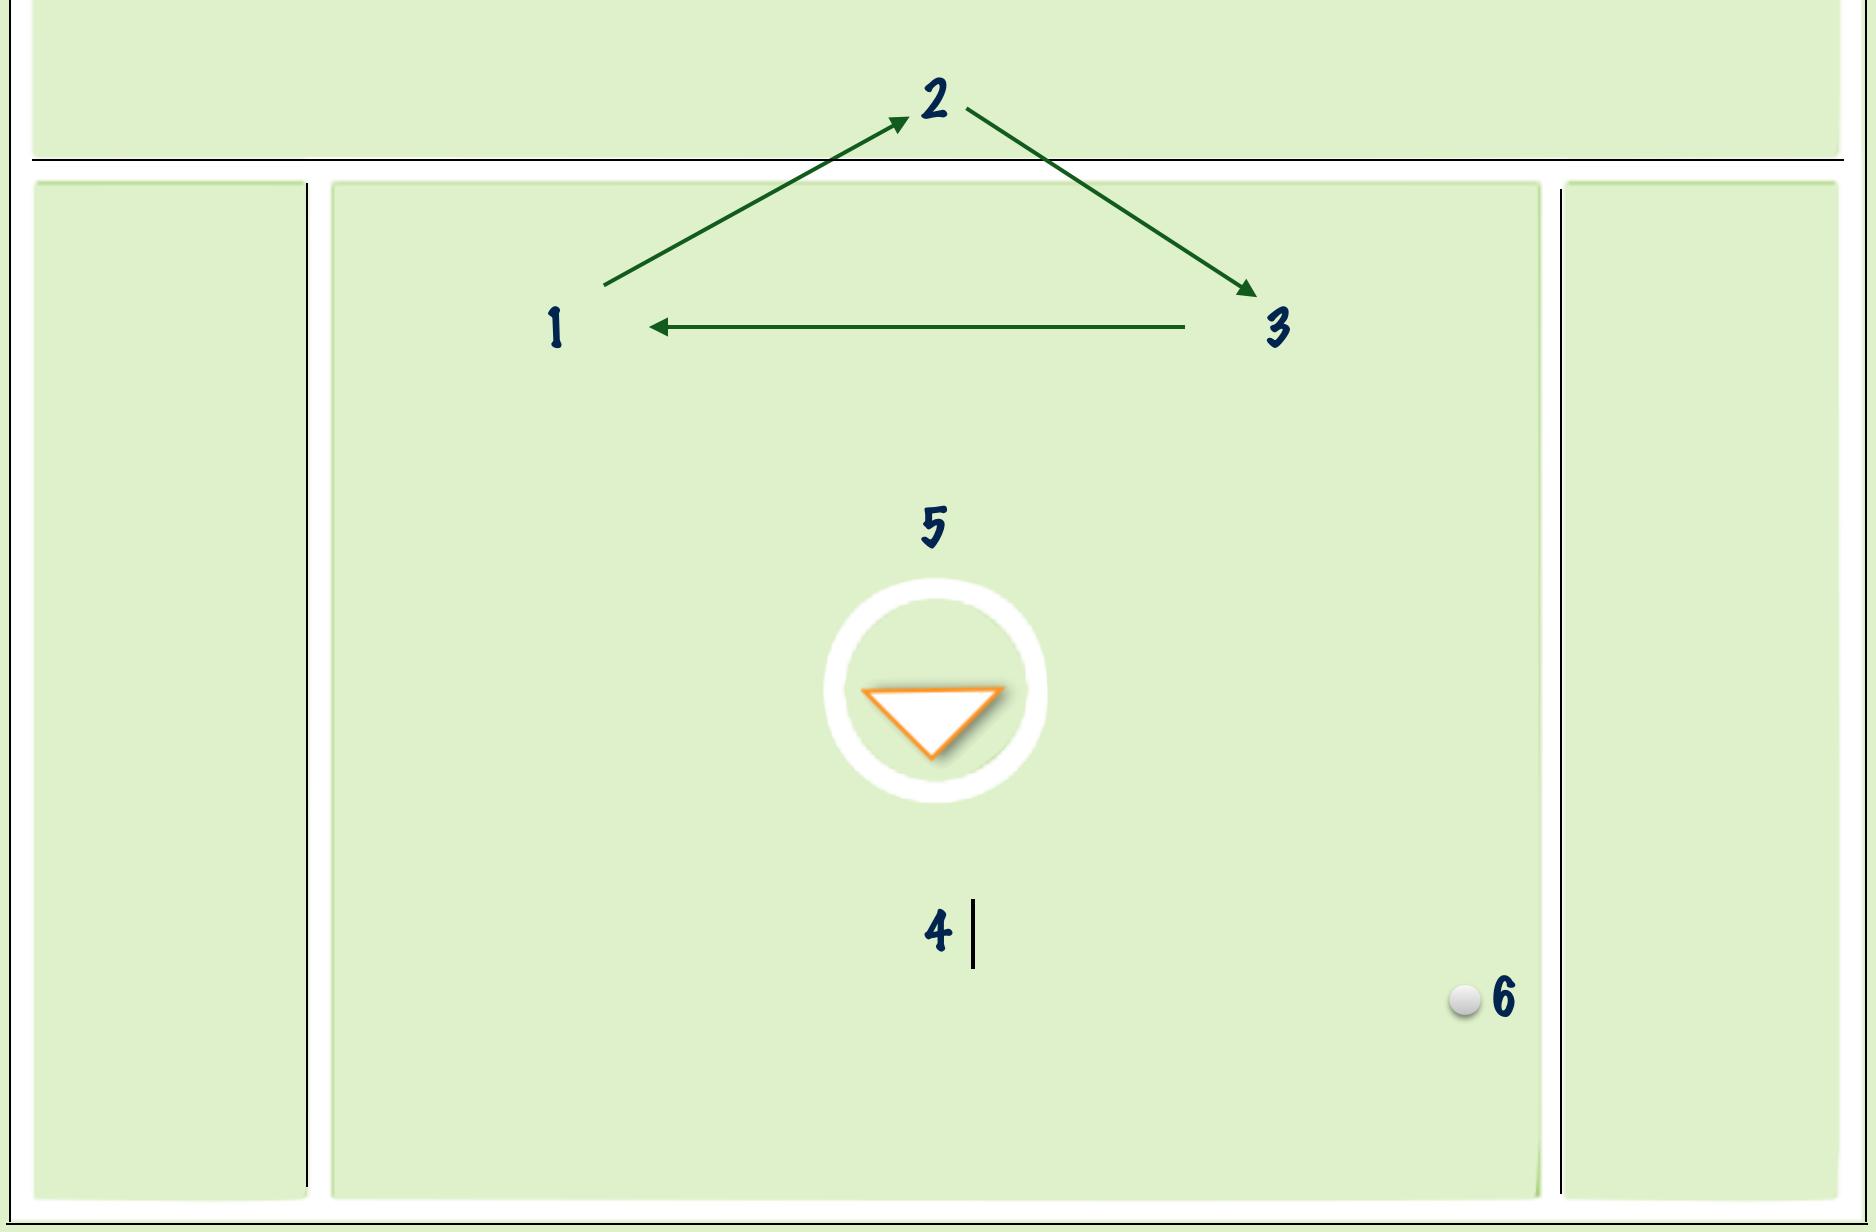 1-3-2 Pick At X